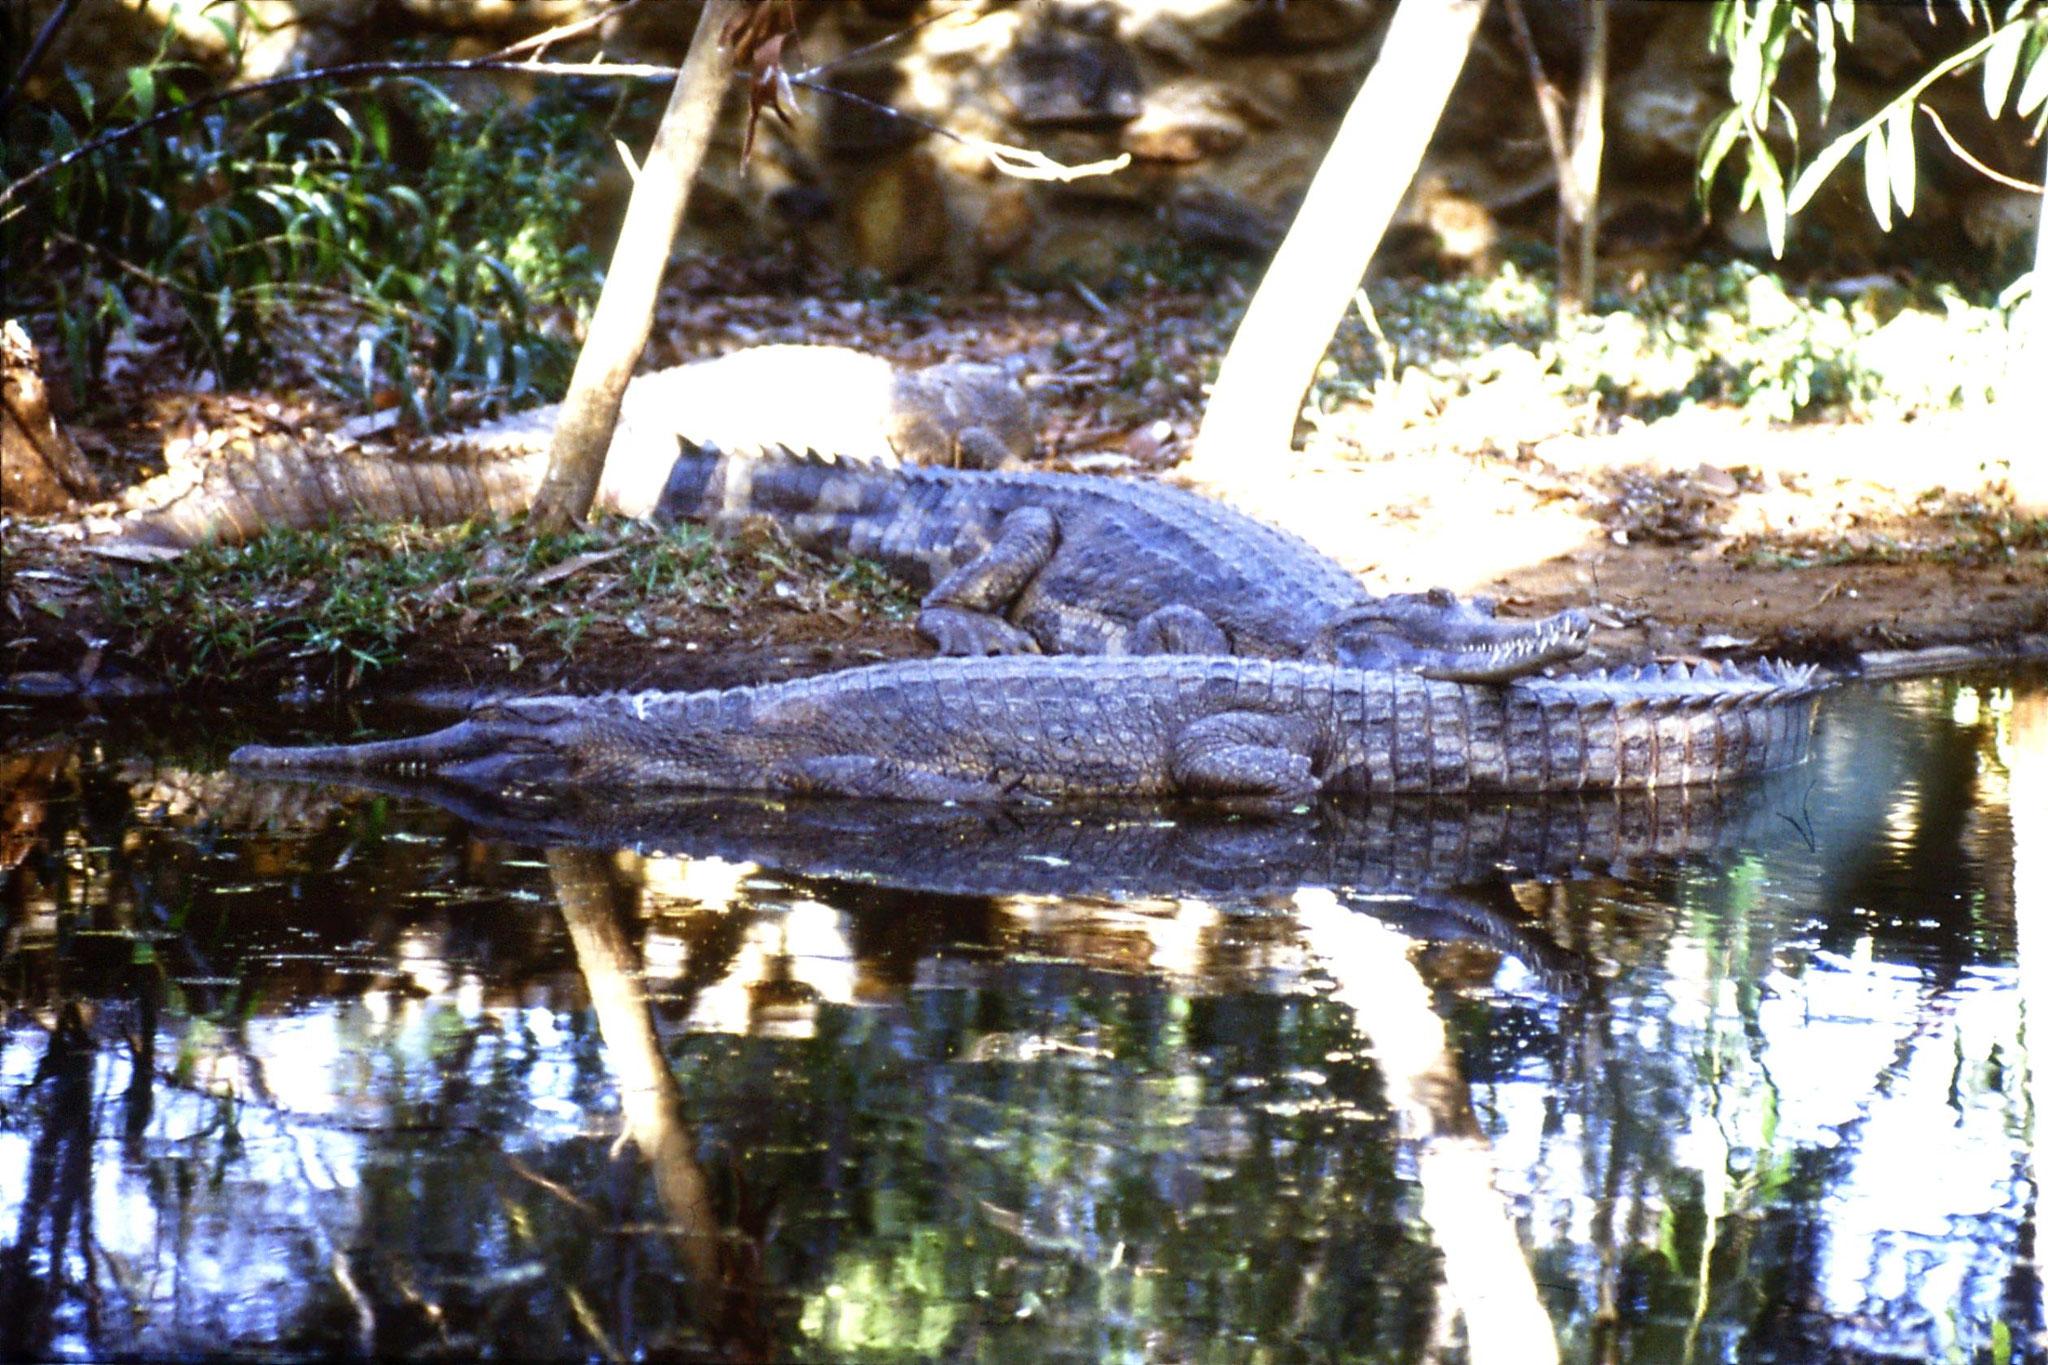 19/1/1990: 23: Madras crocodile park, Malaysian gharial